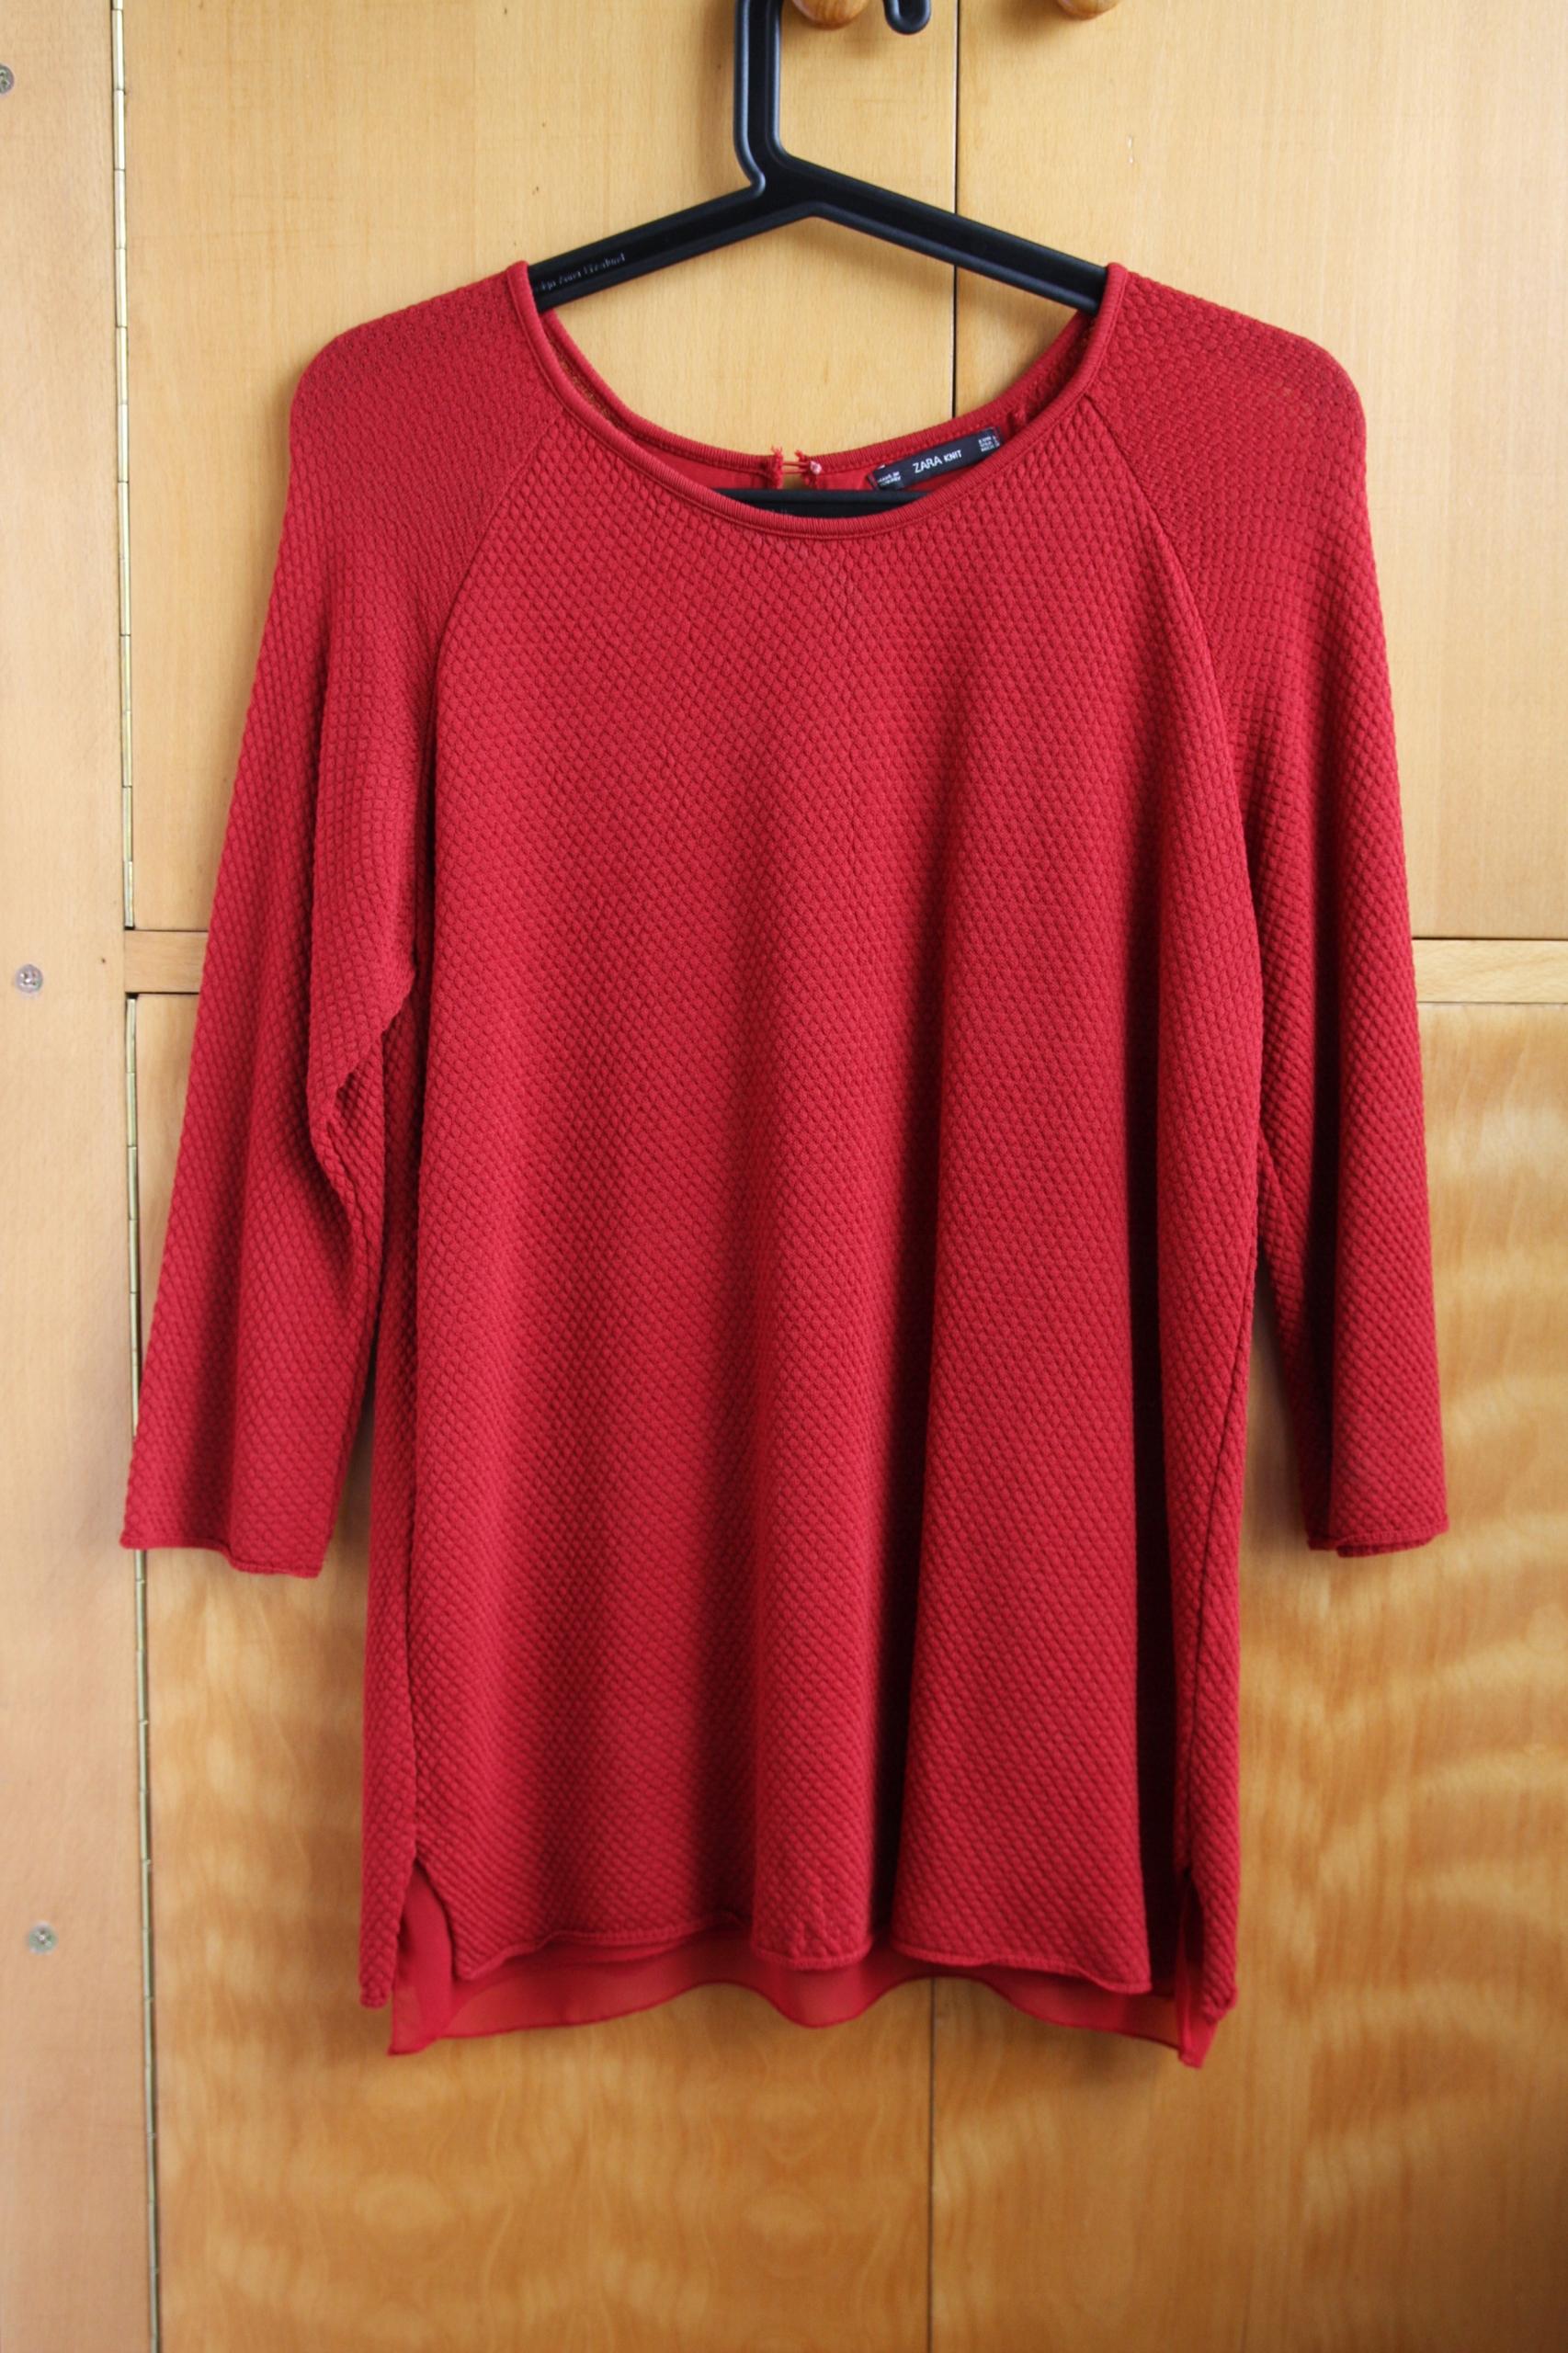 Cieniutki sweterek Zara L wiosna/lato